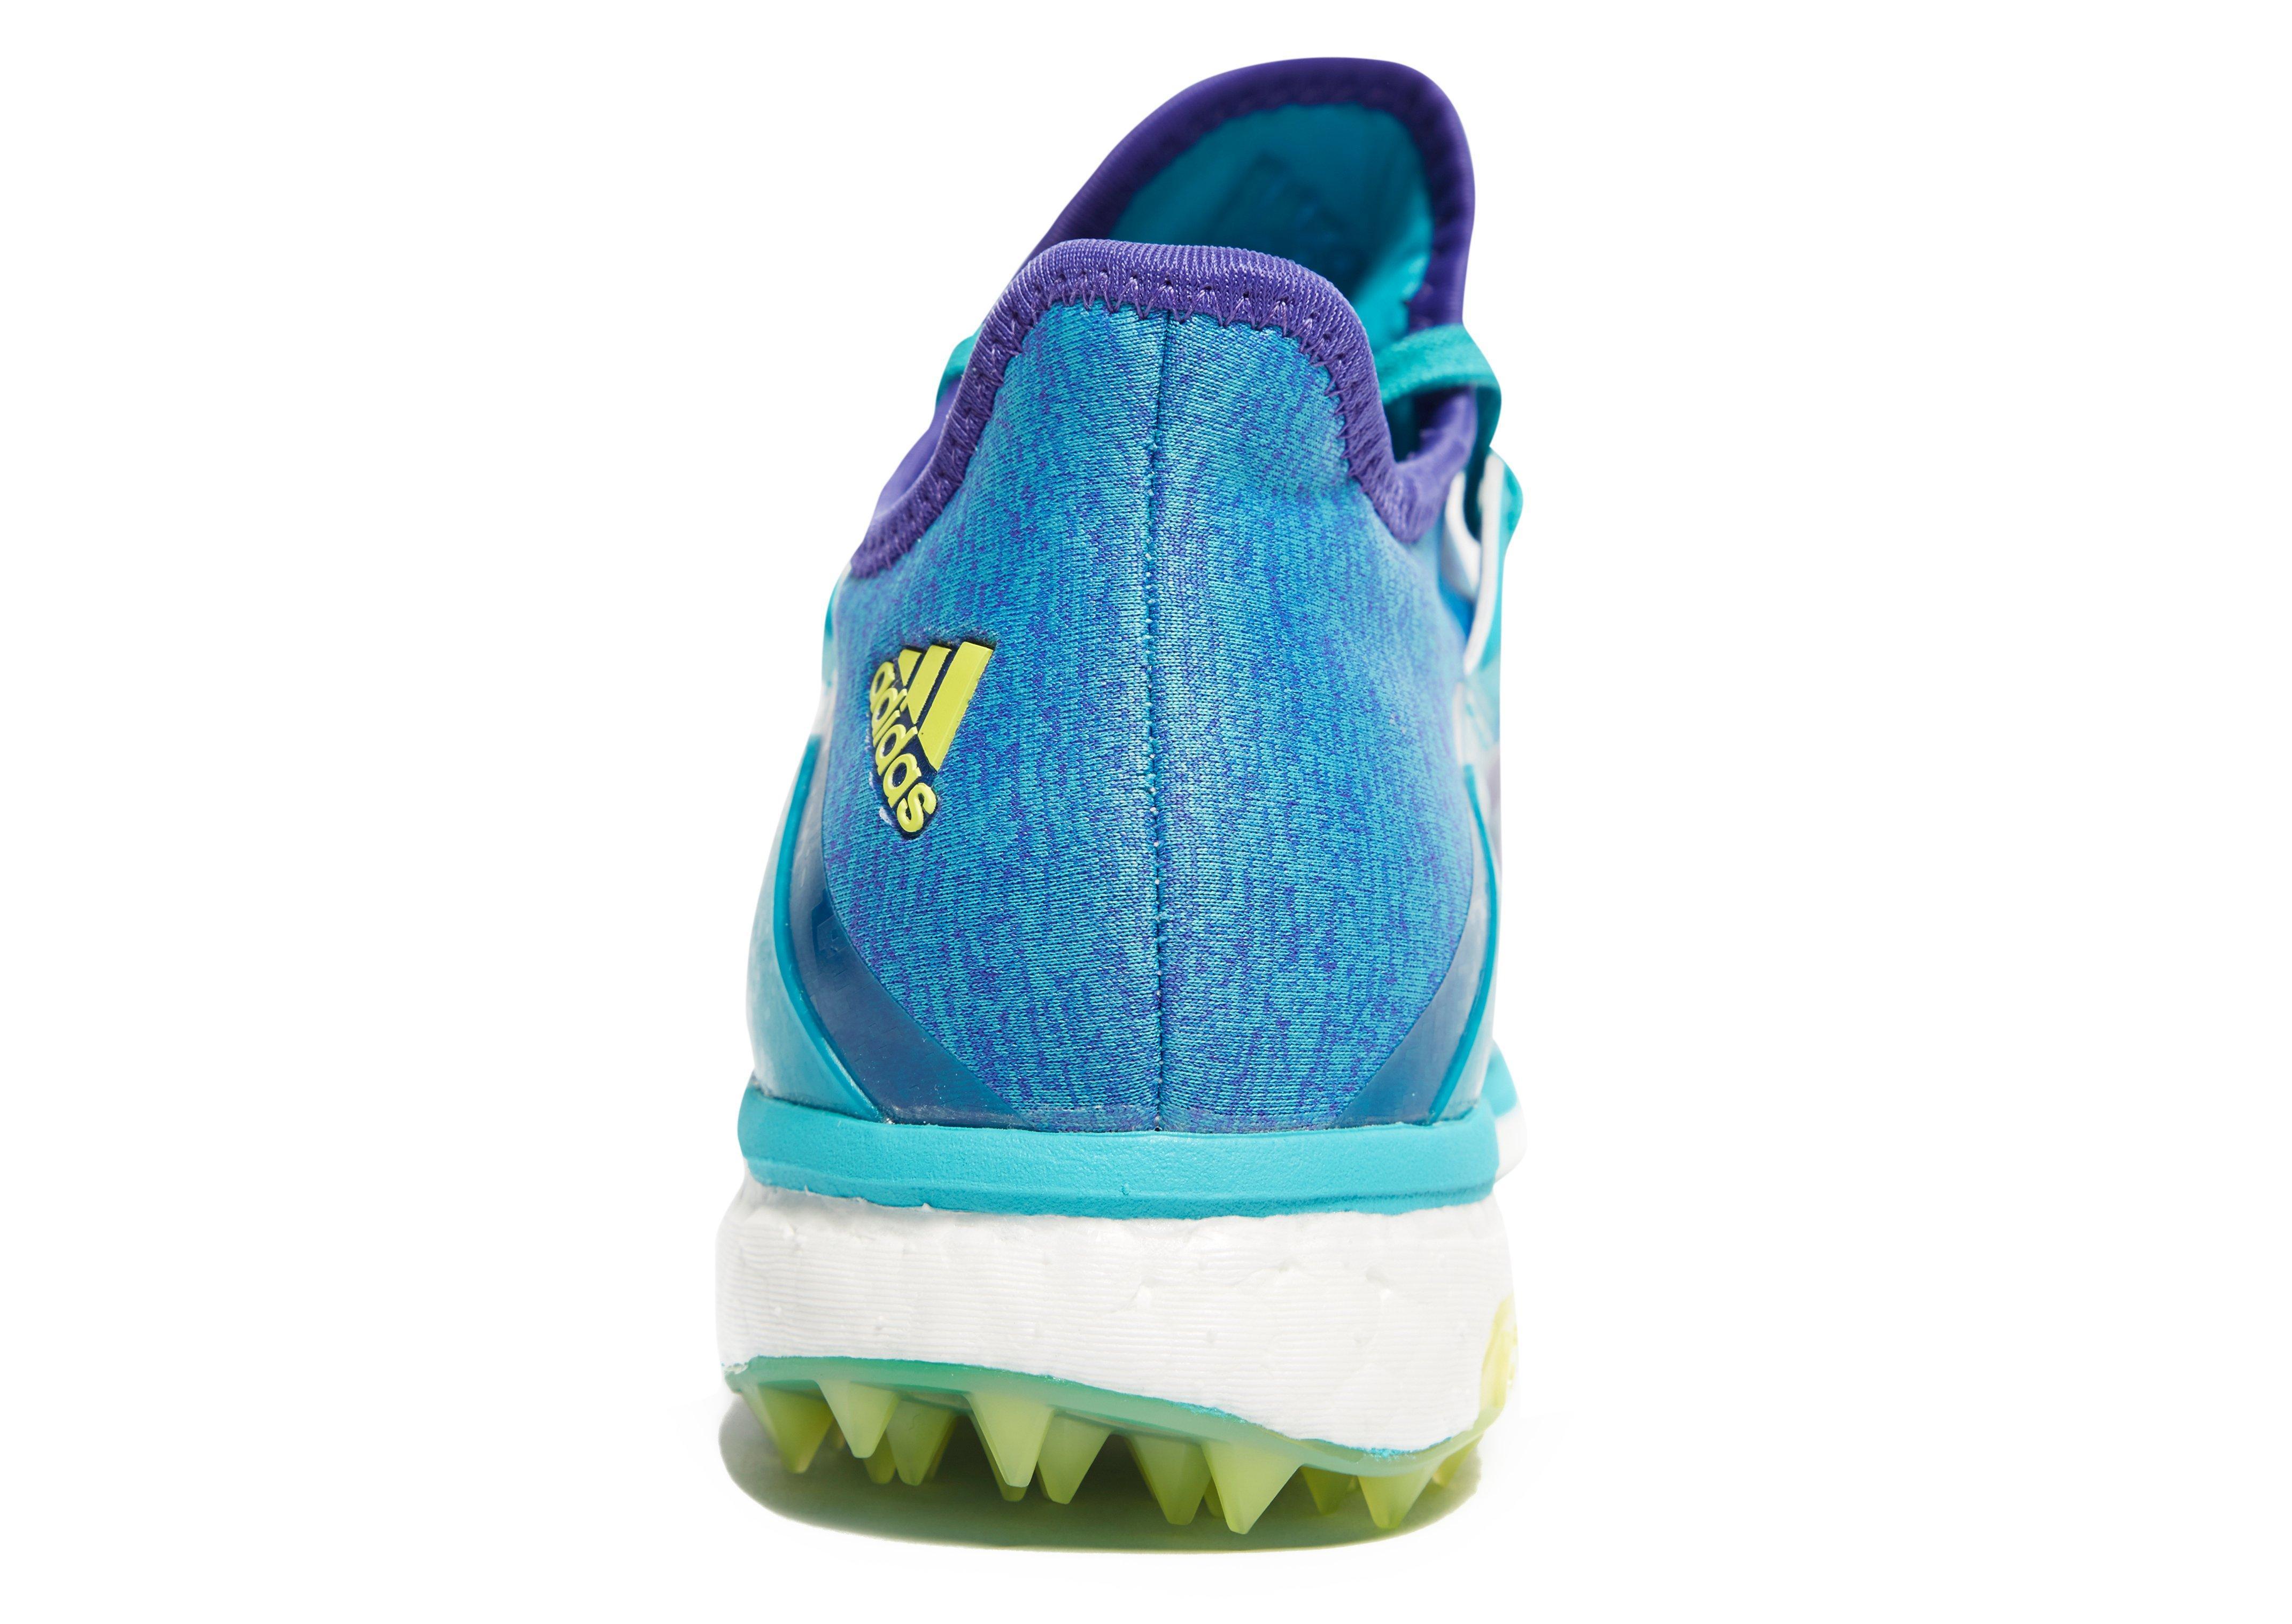 Aqua Shoes Jd Sports